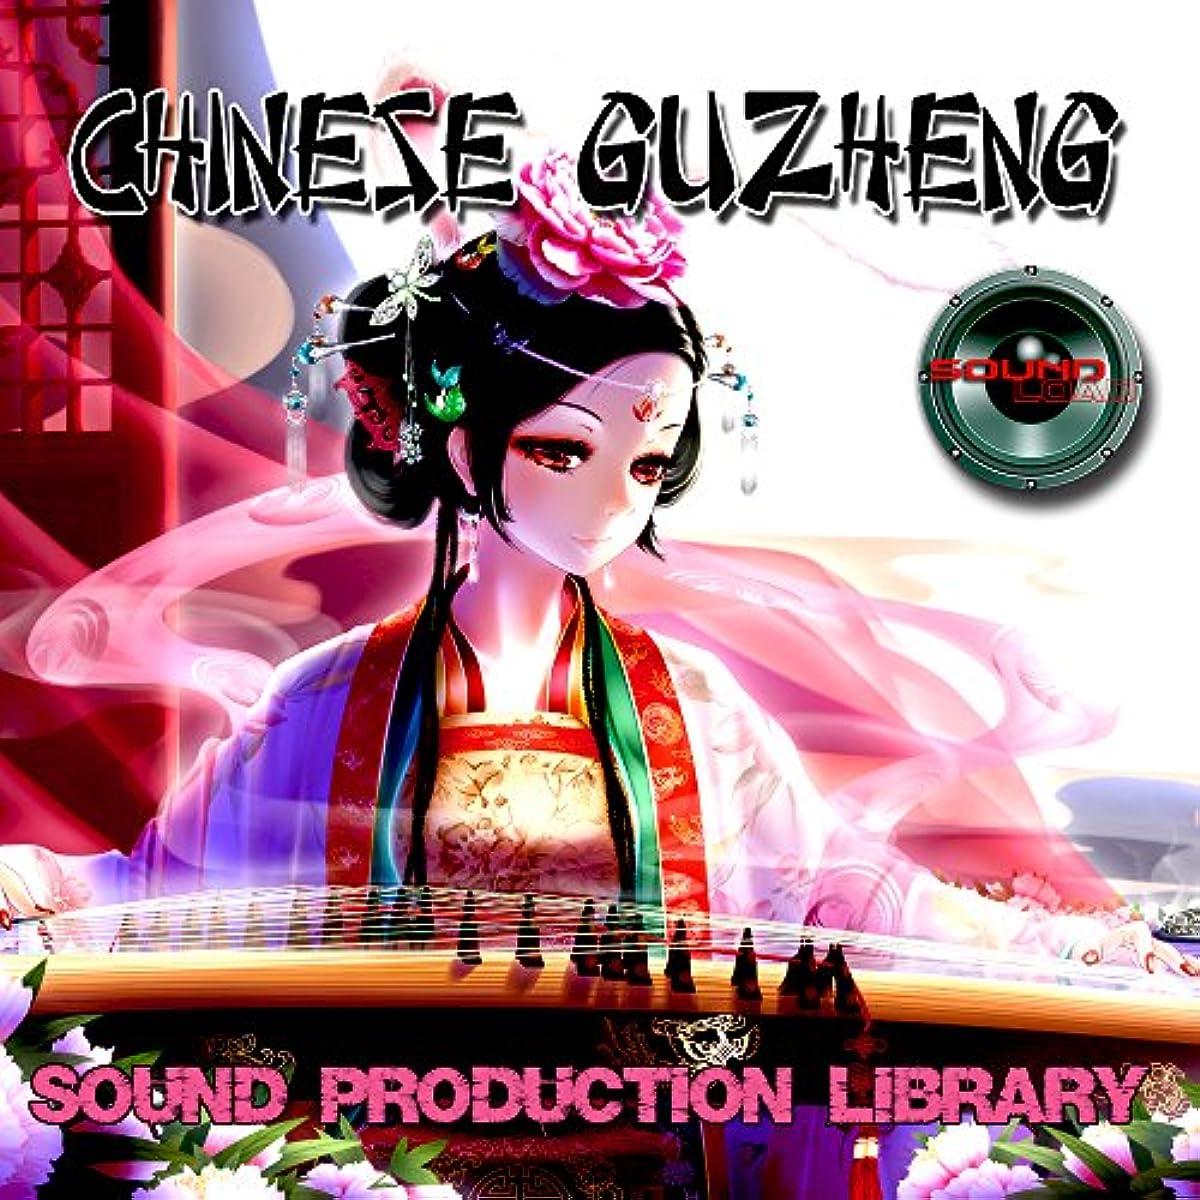 [해외] CHINESE GUZHENG - UNIQUE PERFECT WAVE/NKI MULTI-LAYER SAMPLES LIBRARY ON DVD OR FOR DOWNLOAD